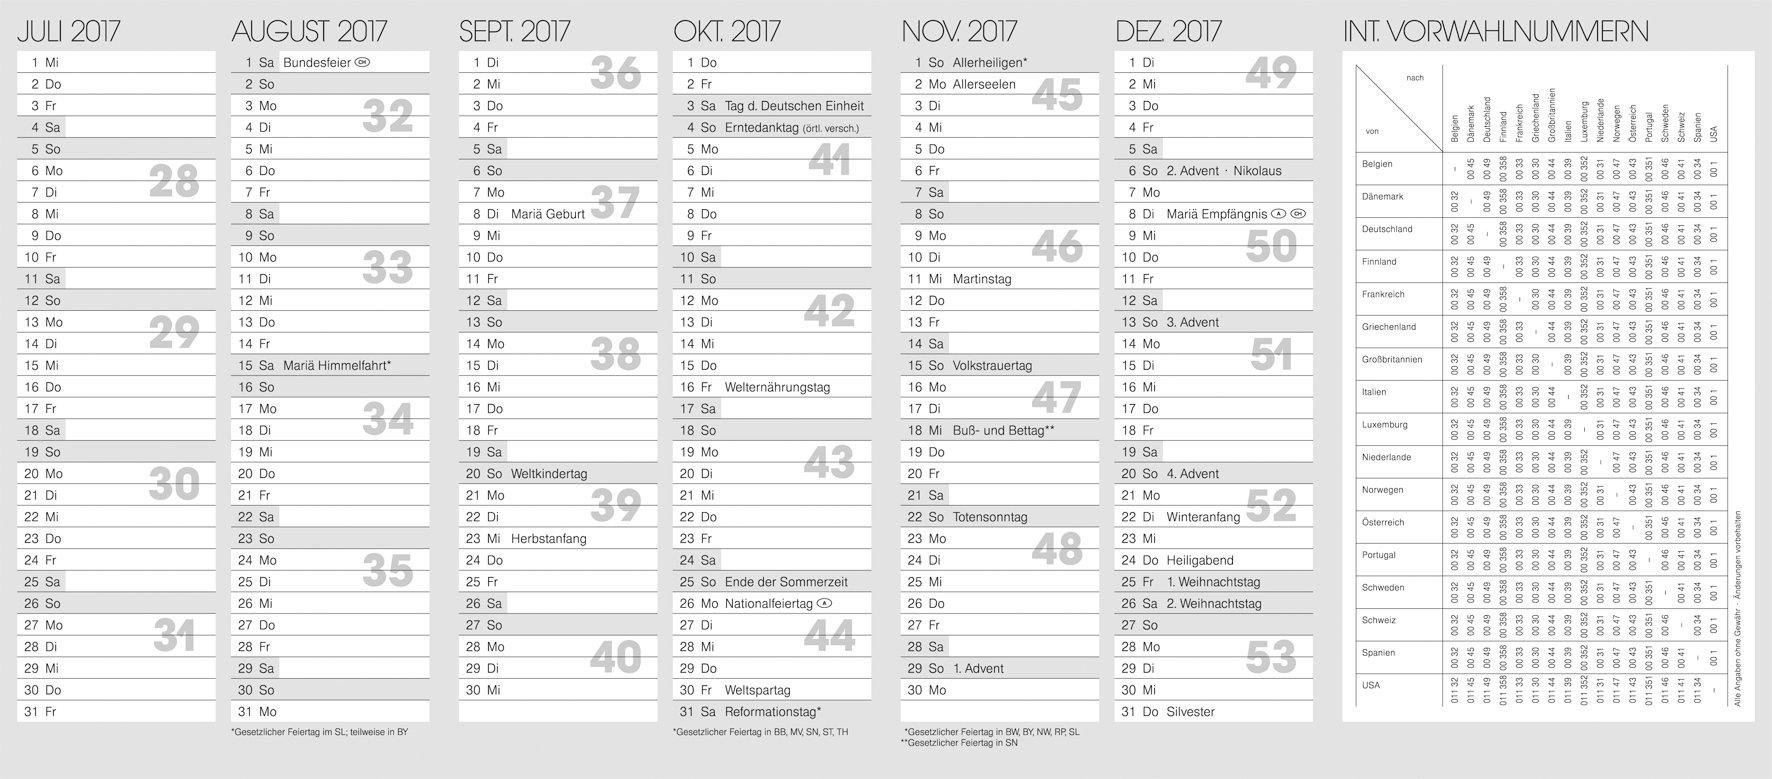 BRUNNEN 1070010 Timer - Calendario anual 2017, 87 x 153 mm (podría no estar en español): Amazon.es: Oficina y papelería